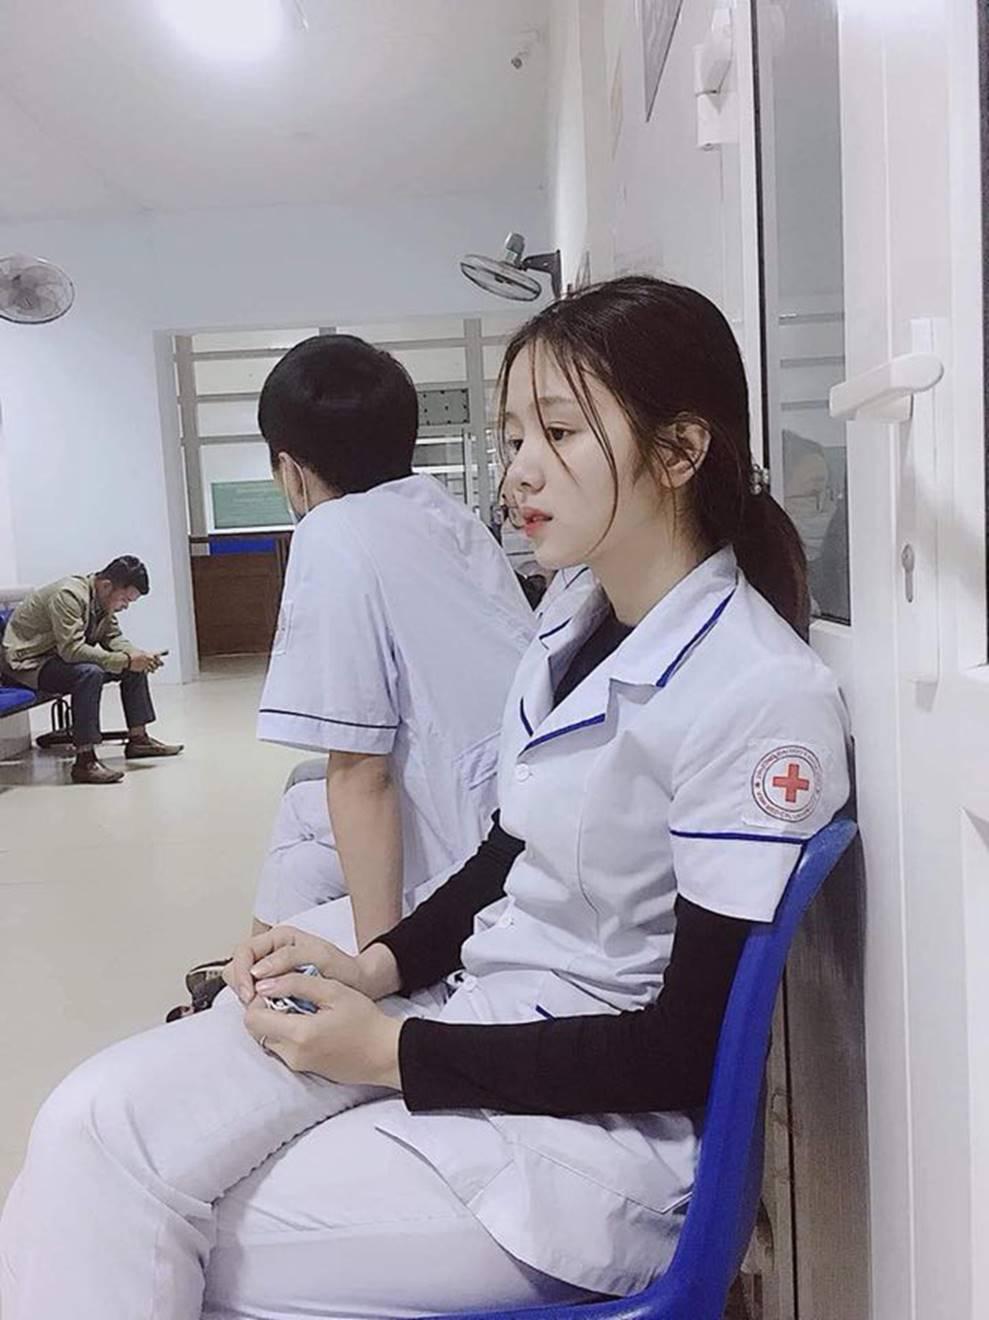 Nữ điều dưỡng gây sốt MXH vì tấm ảnh ngủ gật, nhưng thông tin về cô khiến nhiều người hụt hẫng-2